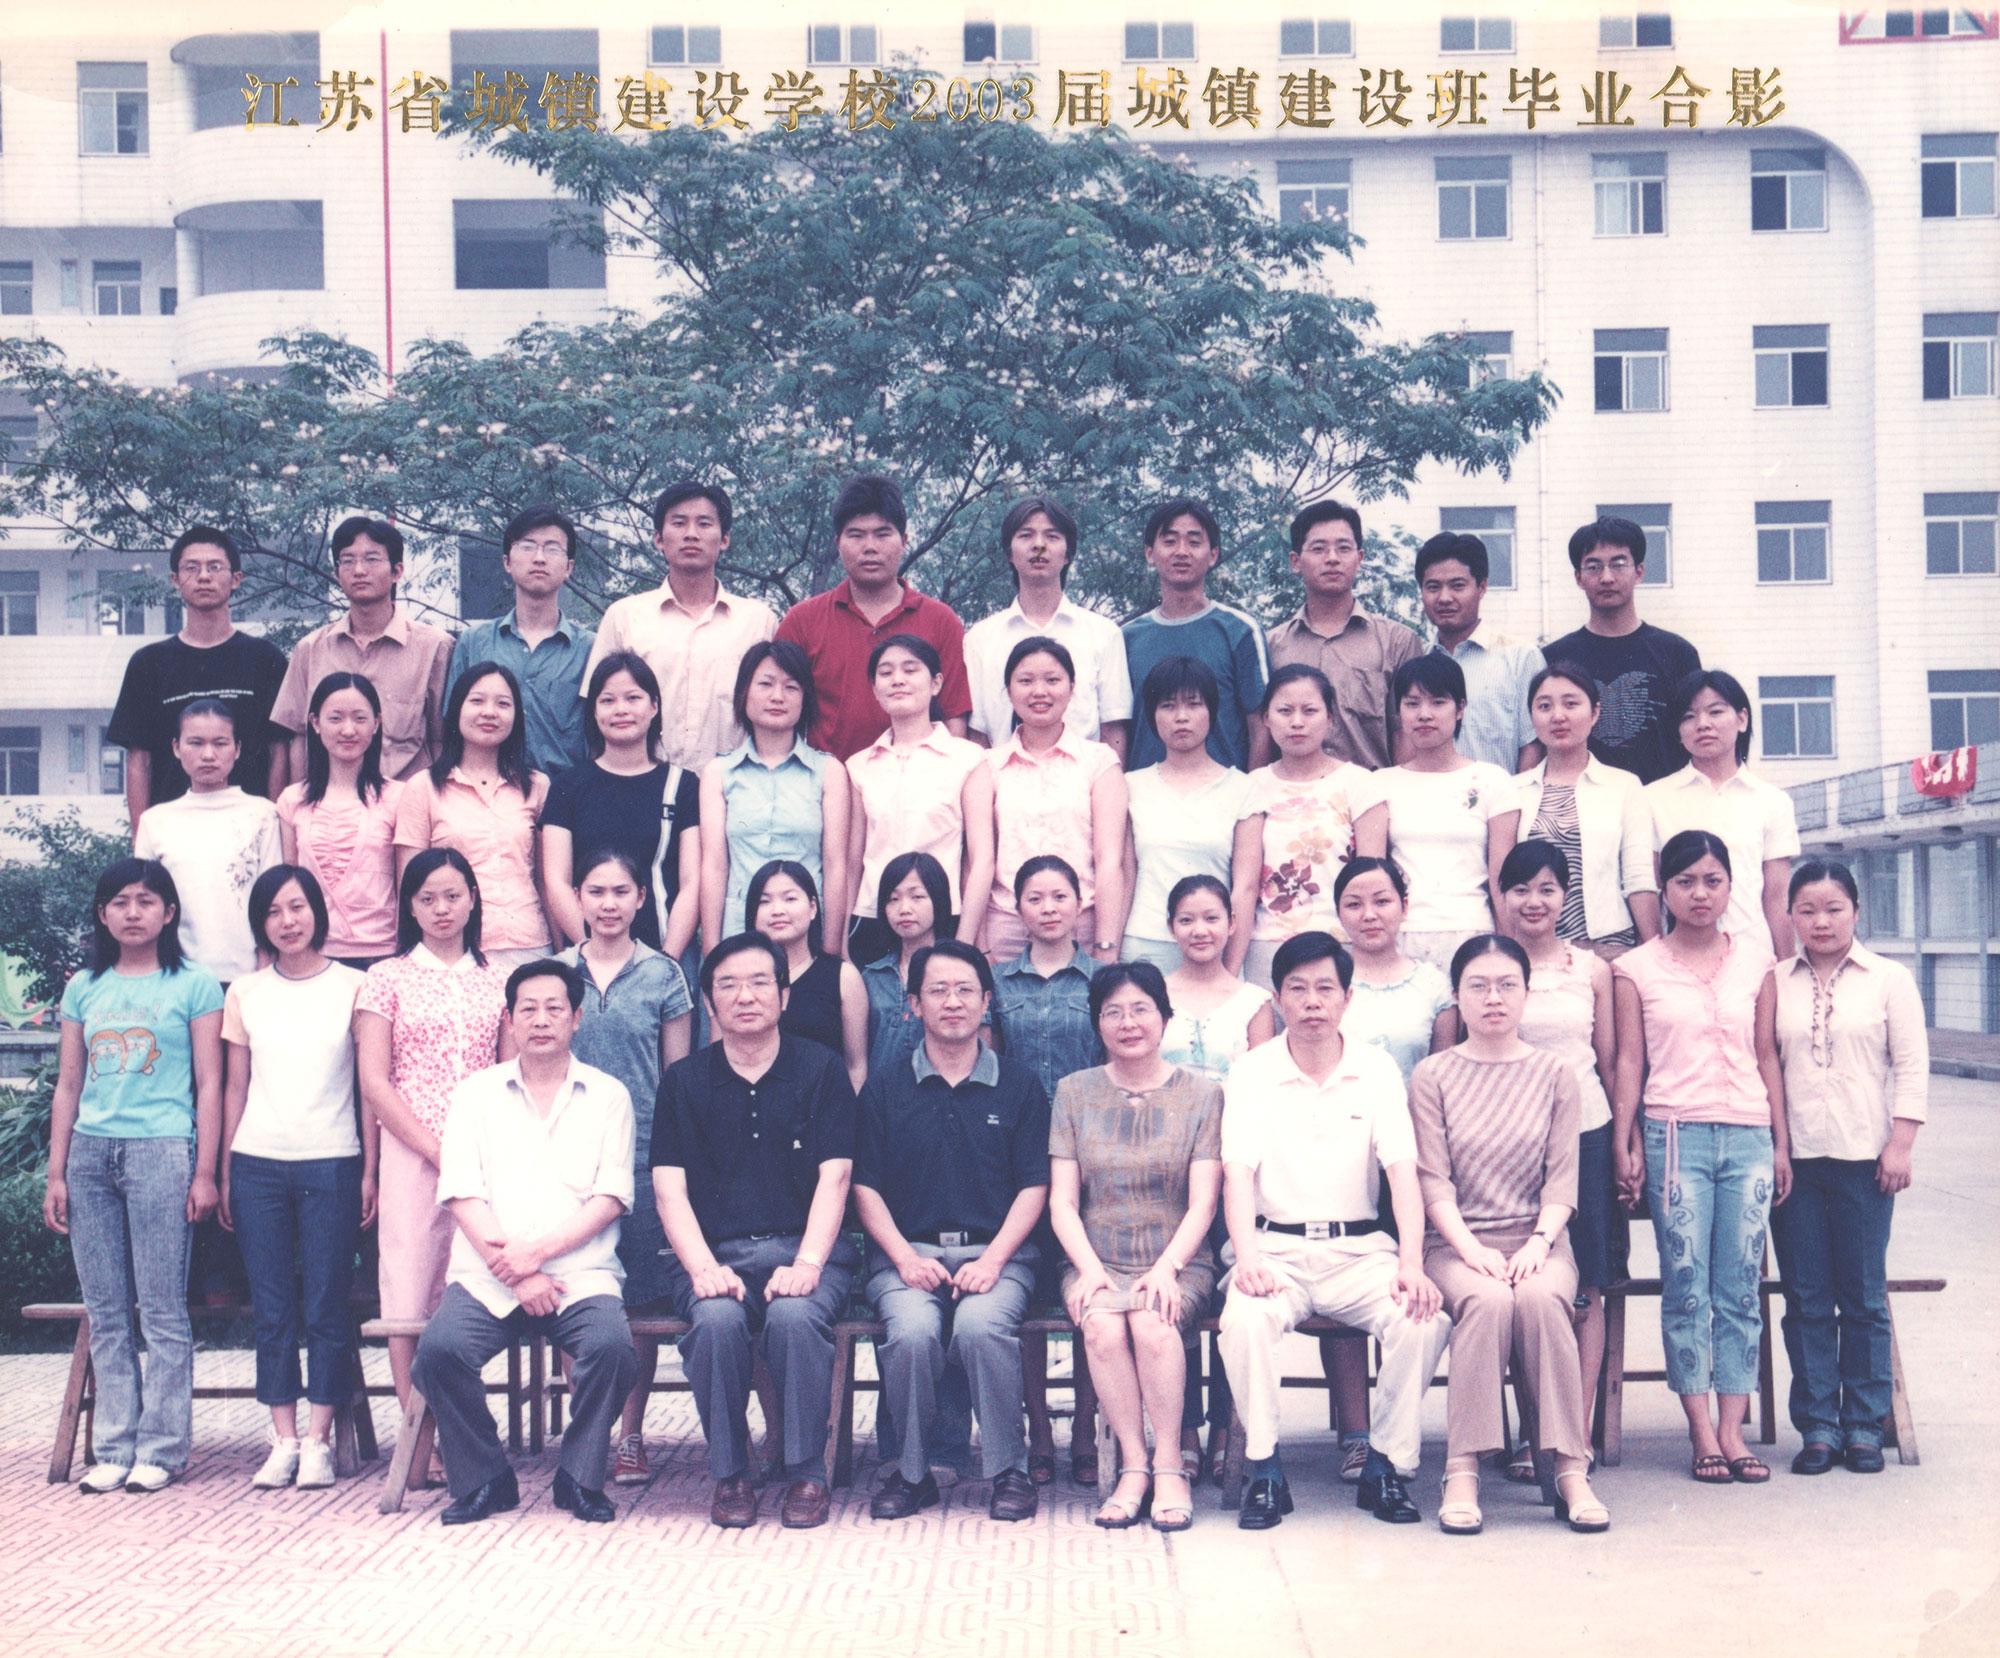 2003届城镇建设班毕业合影